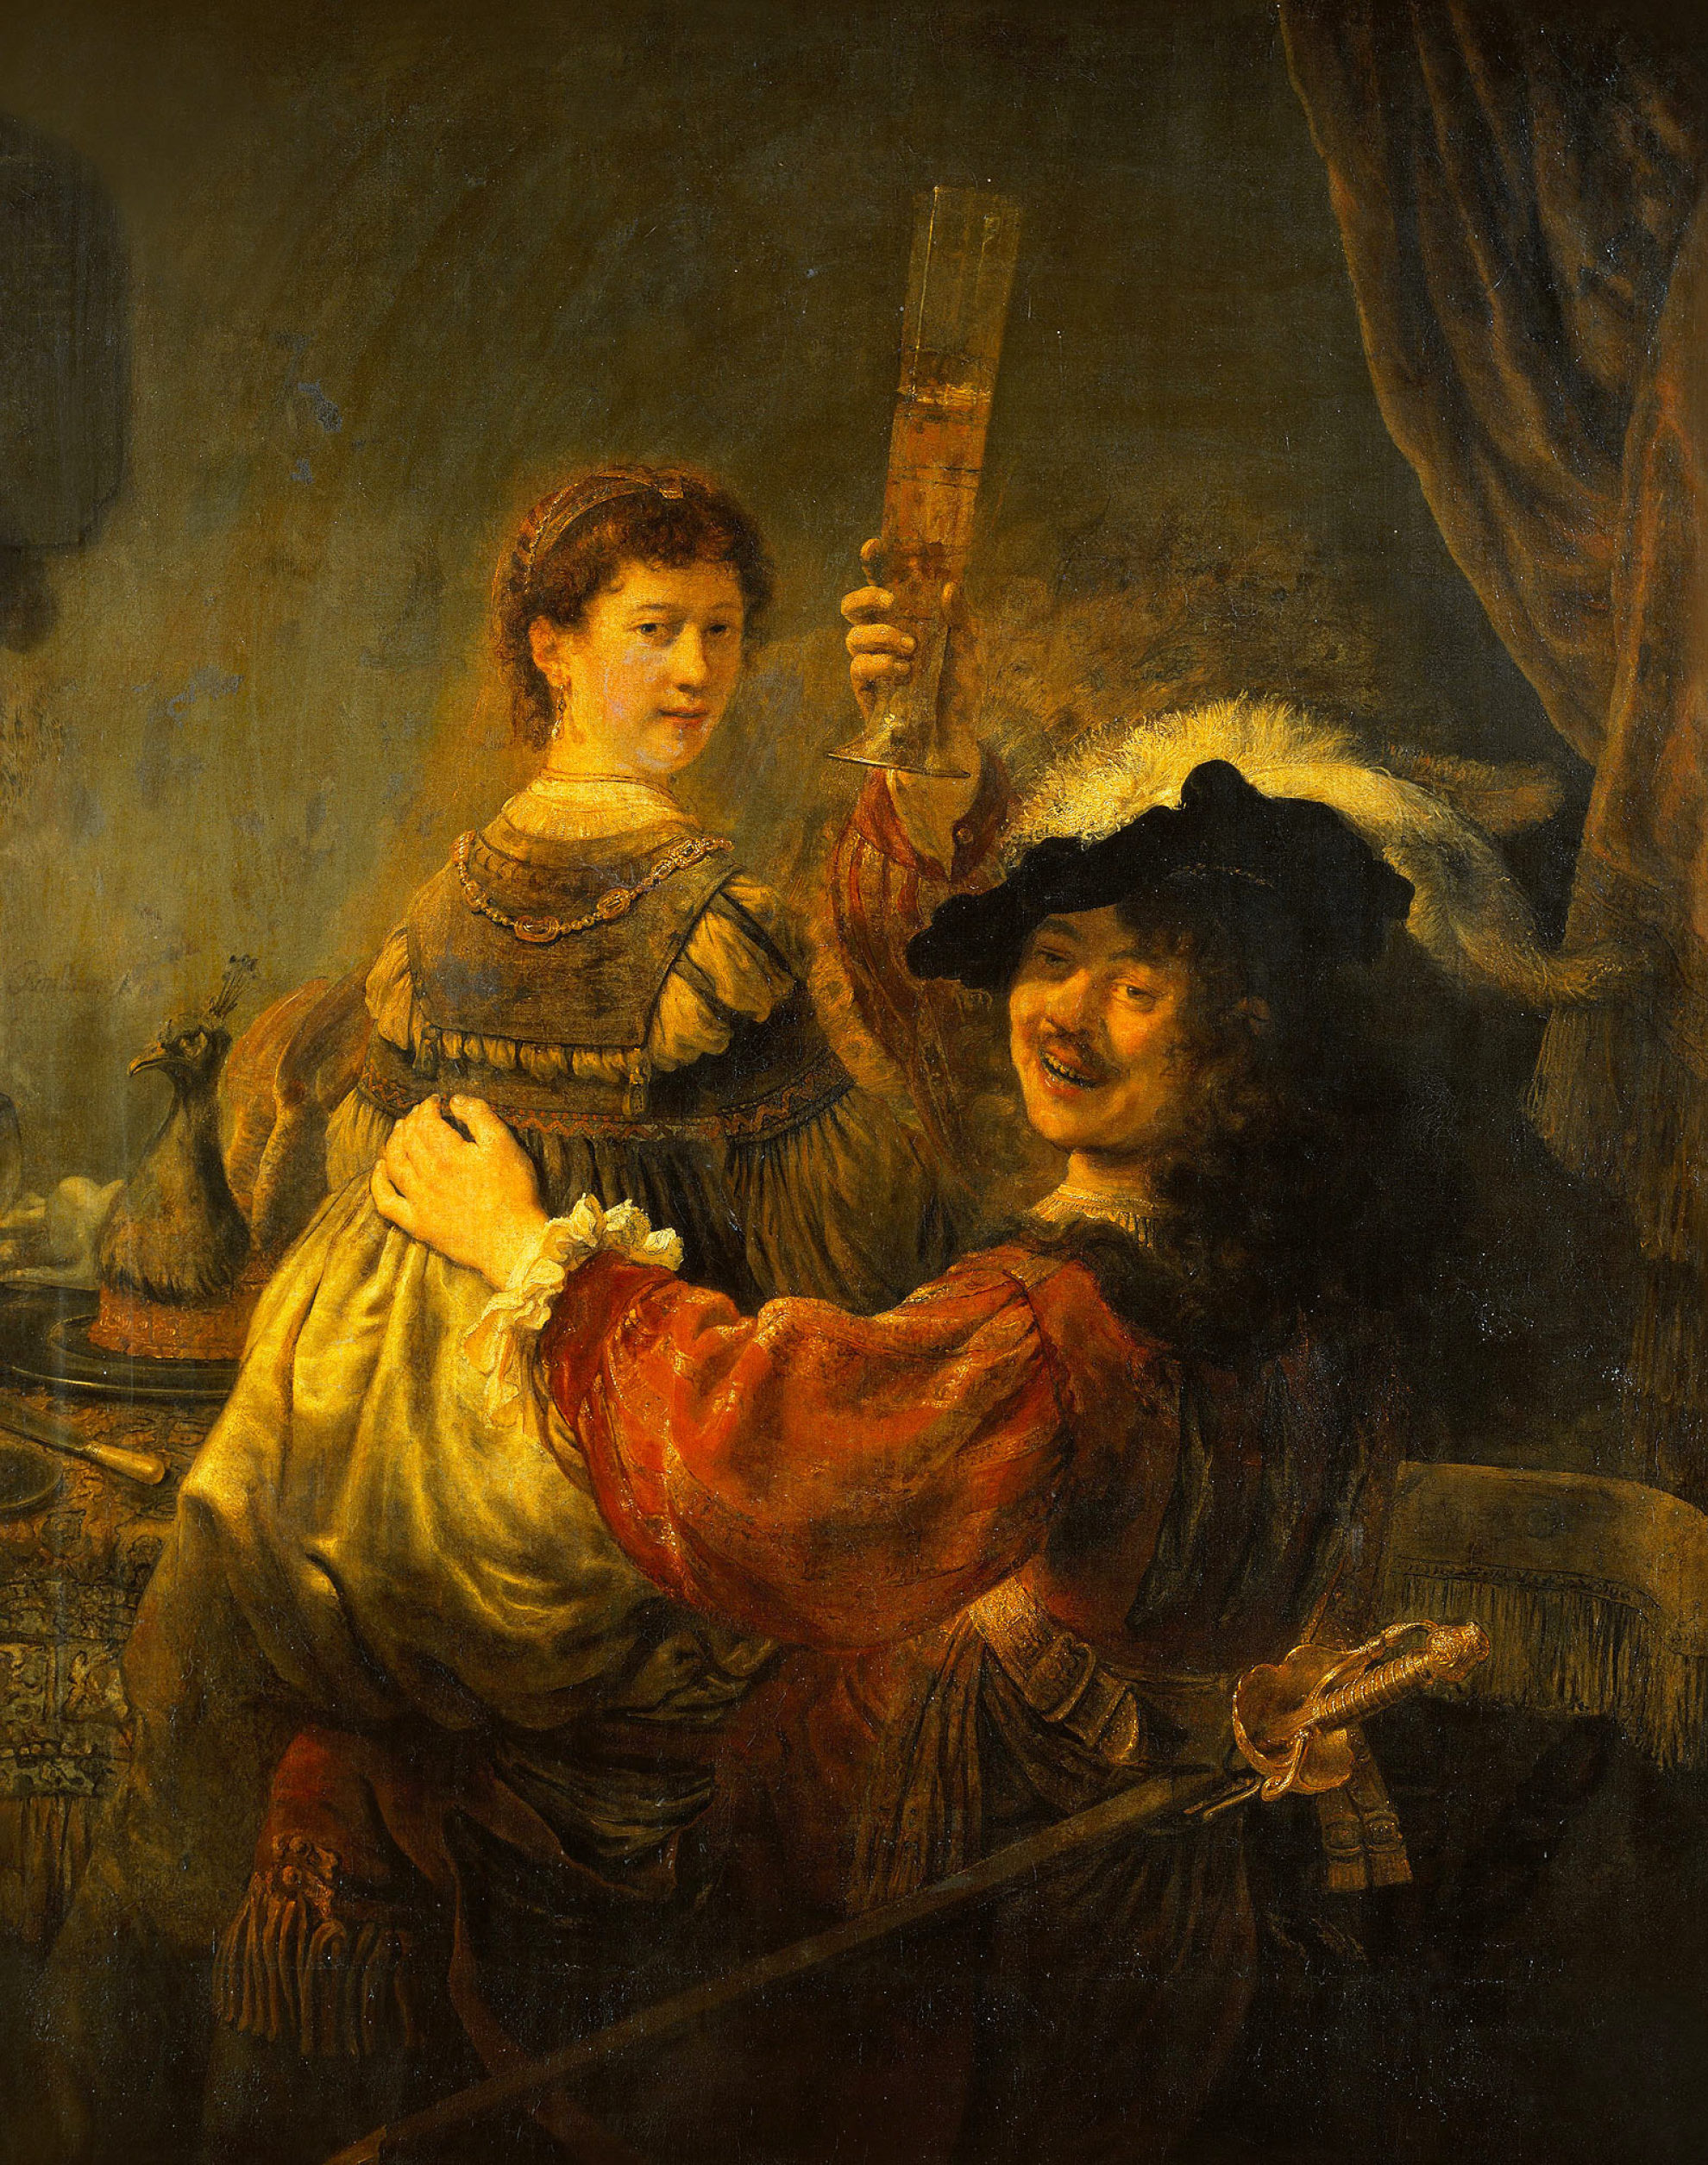 < Автопортрет с Саскией на коленях > :: Харменс ван Рейн Рембрандт - Rembrandt фото